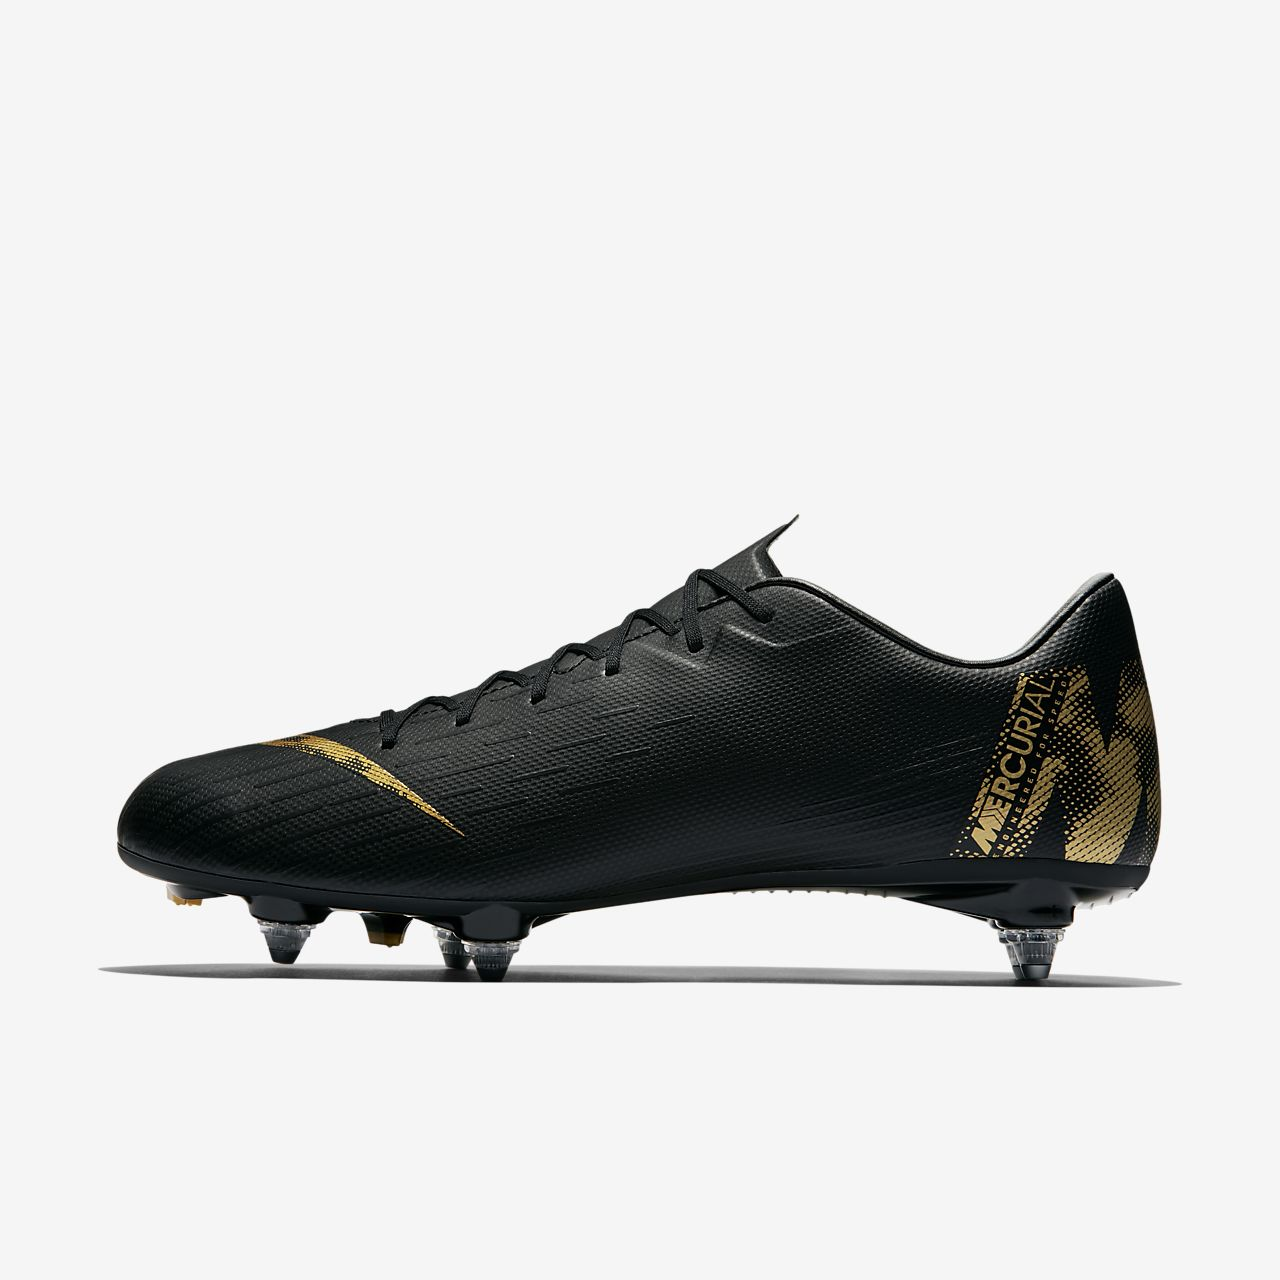 Nike Mercurial Vapor XII Academy SG-PRO Voetbalschoen (zachte ondergrond)